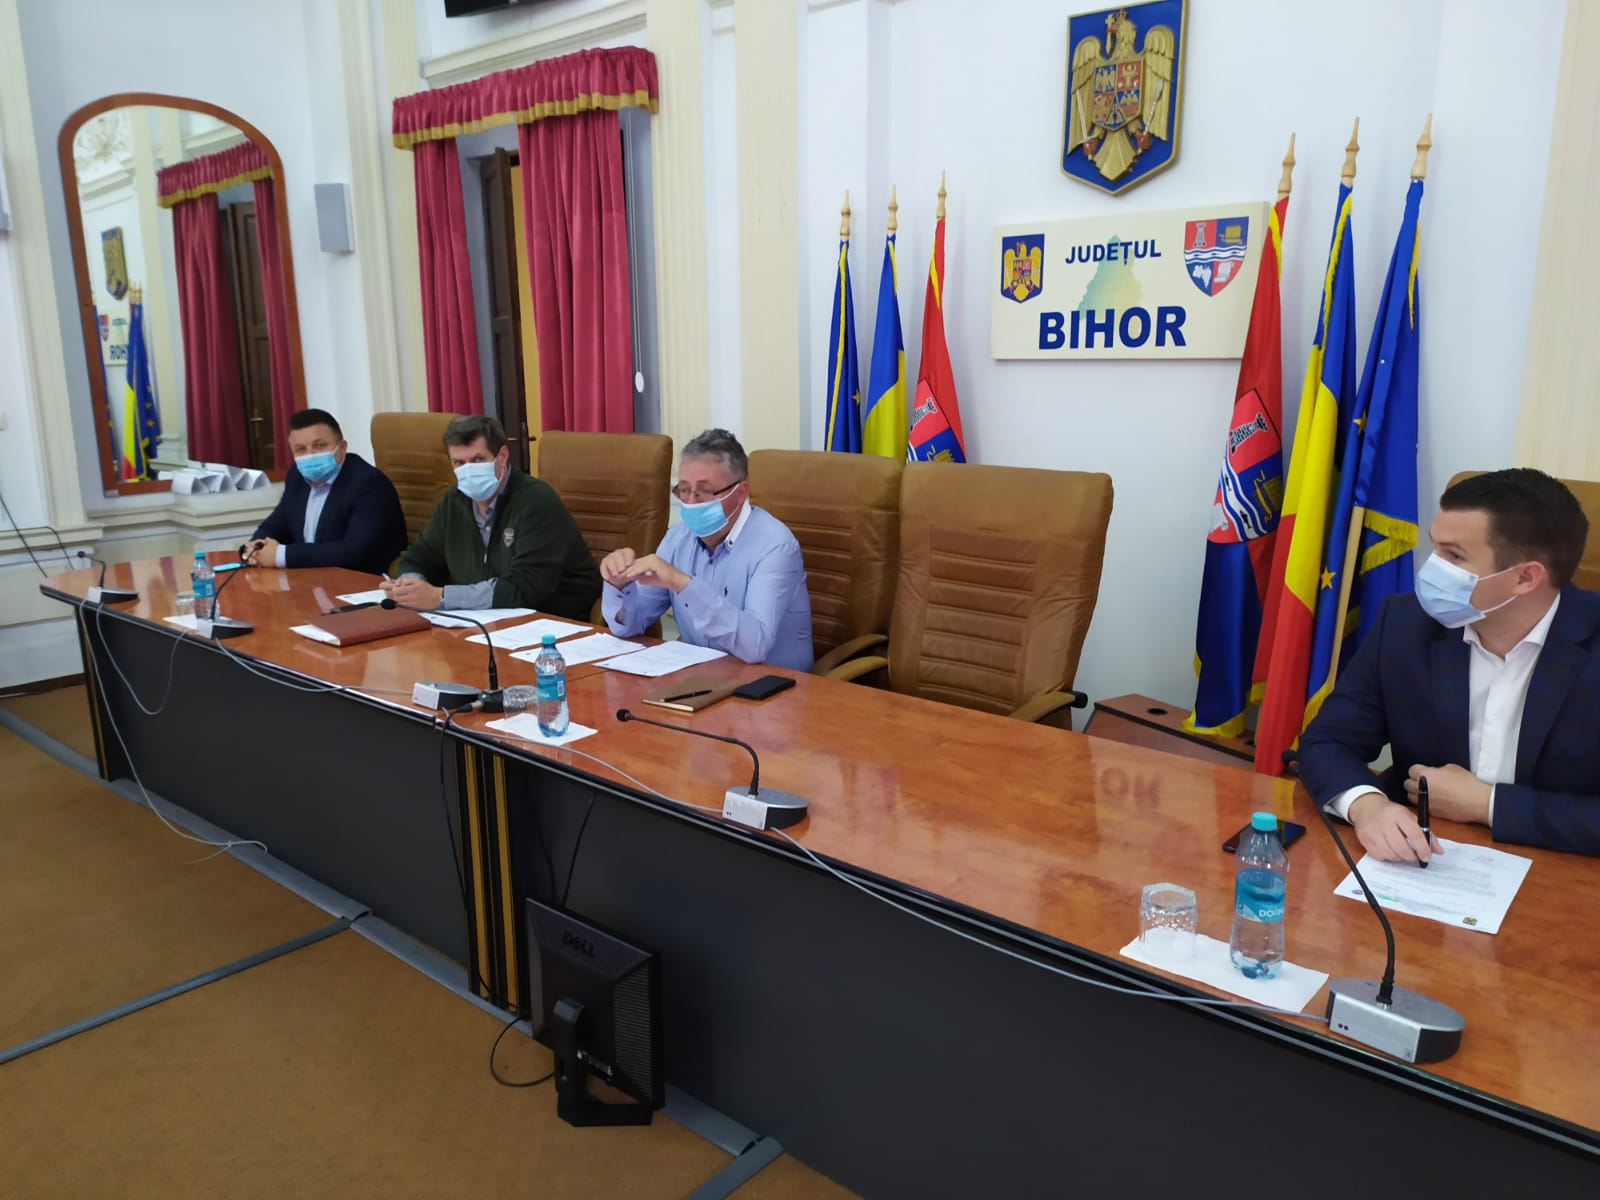 Investiții în comunitățile locale prin Agenția de Dezvoltare Durabilă Bihor